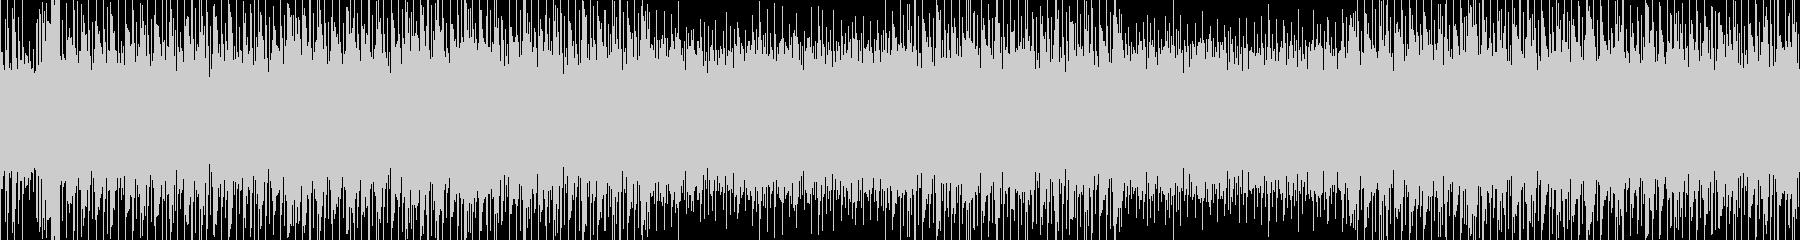 シューティング等のゲームBGM/ループ可の未再生の波形